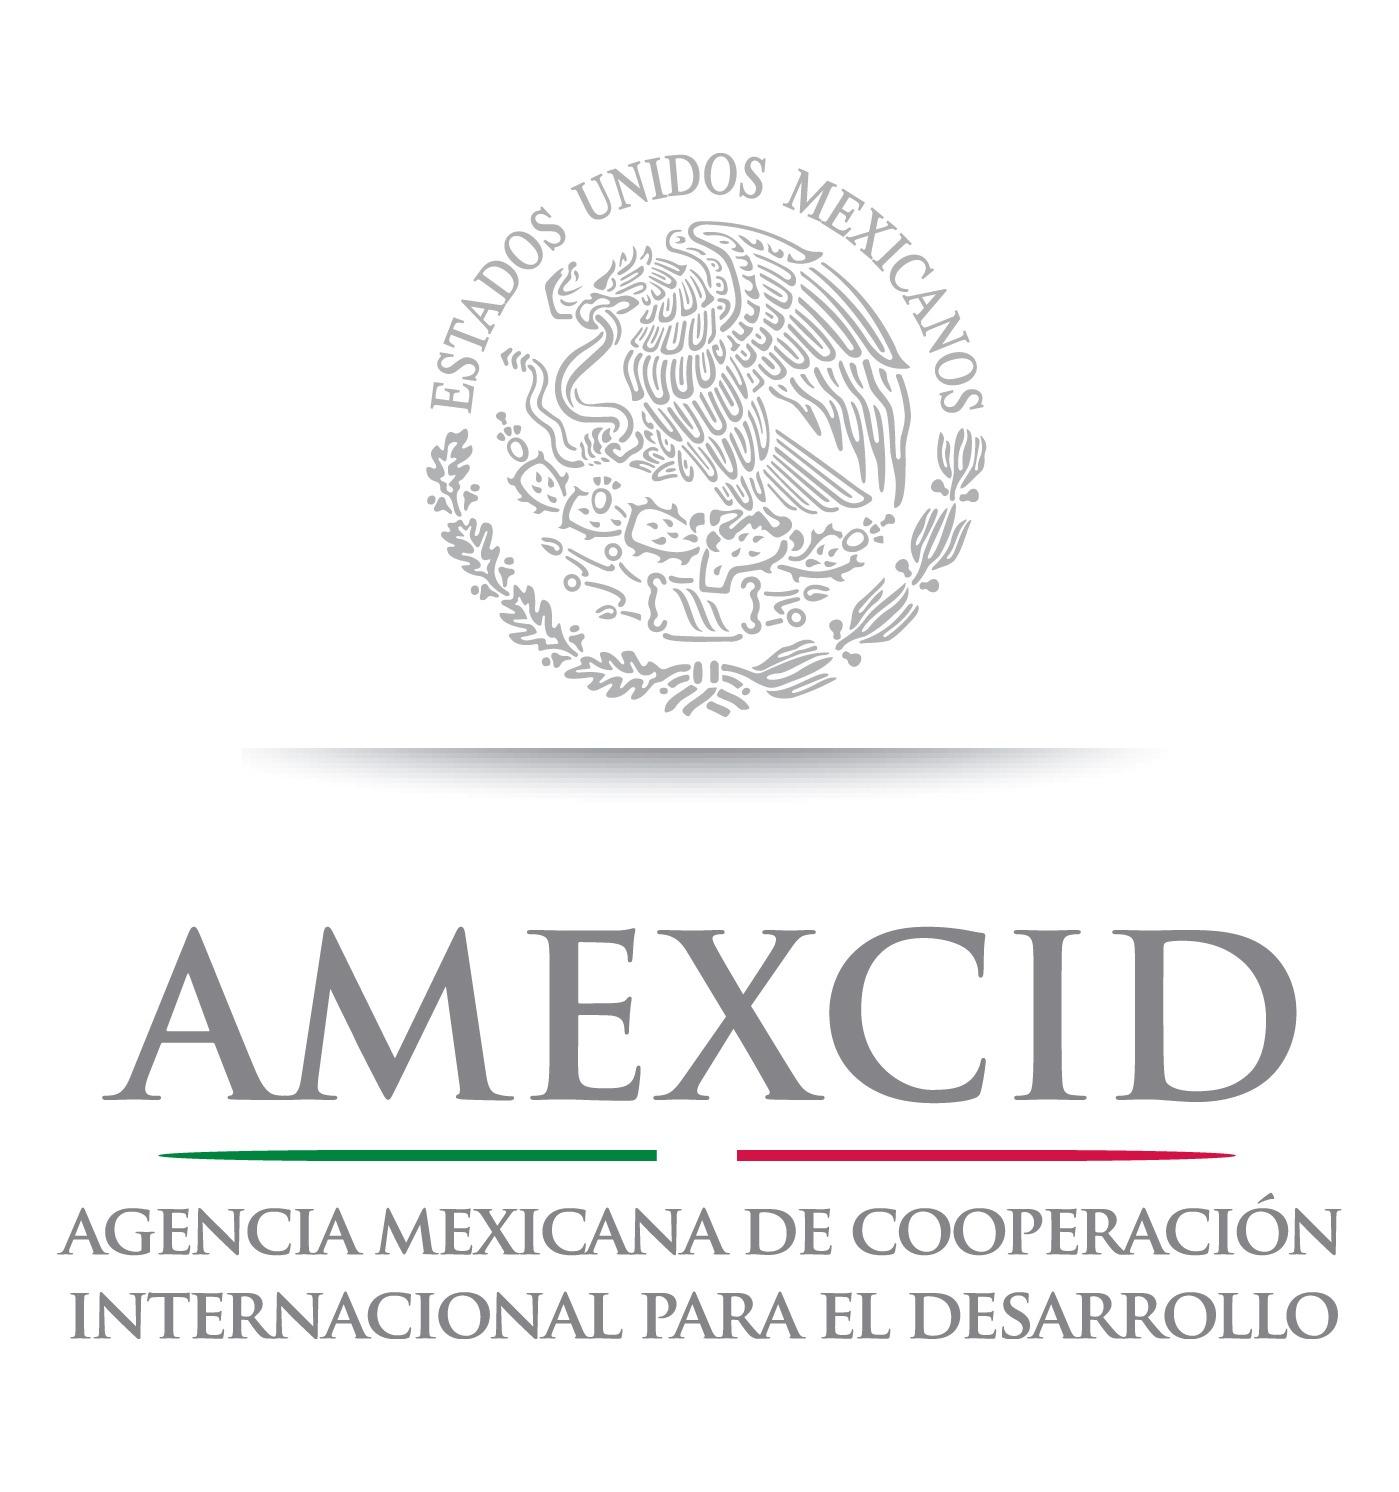 amexcid